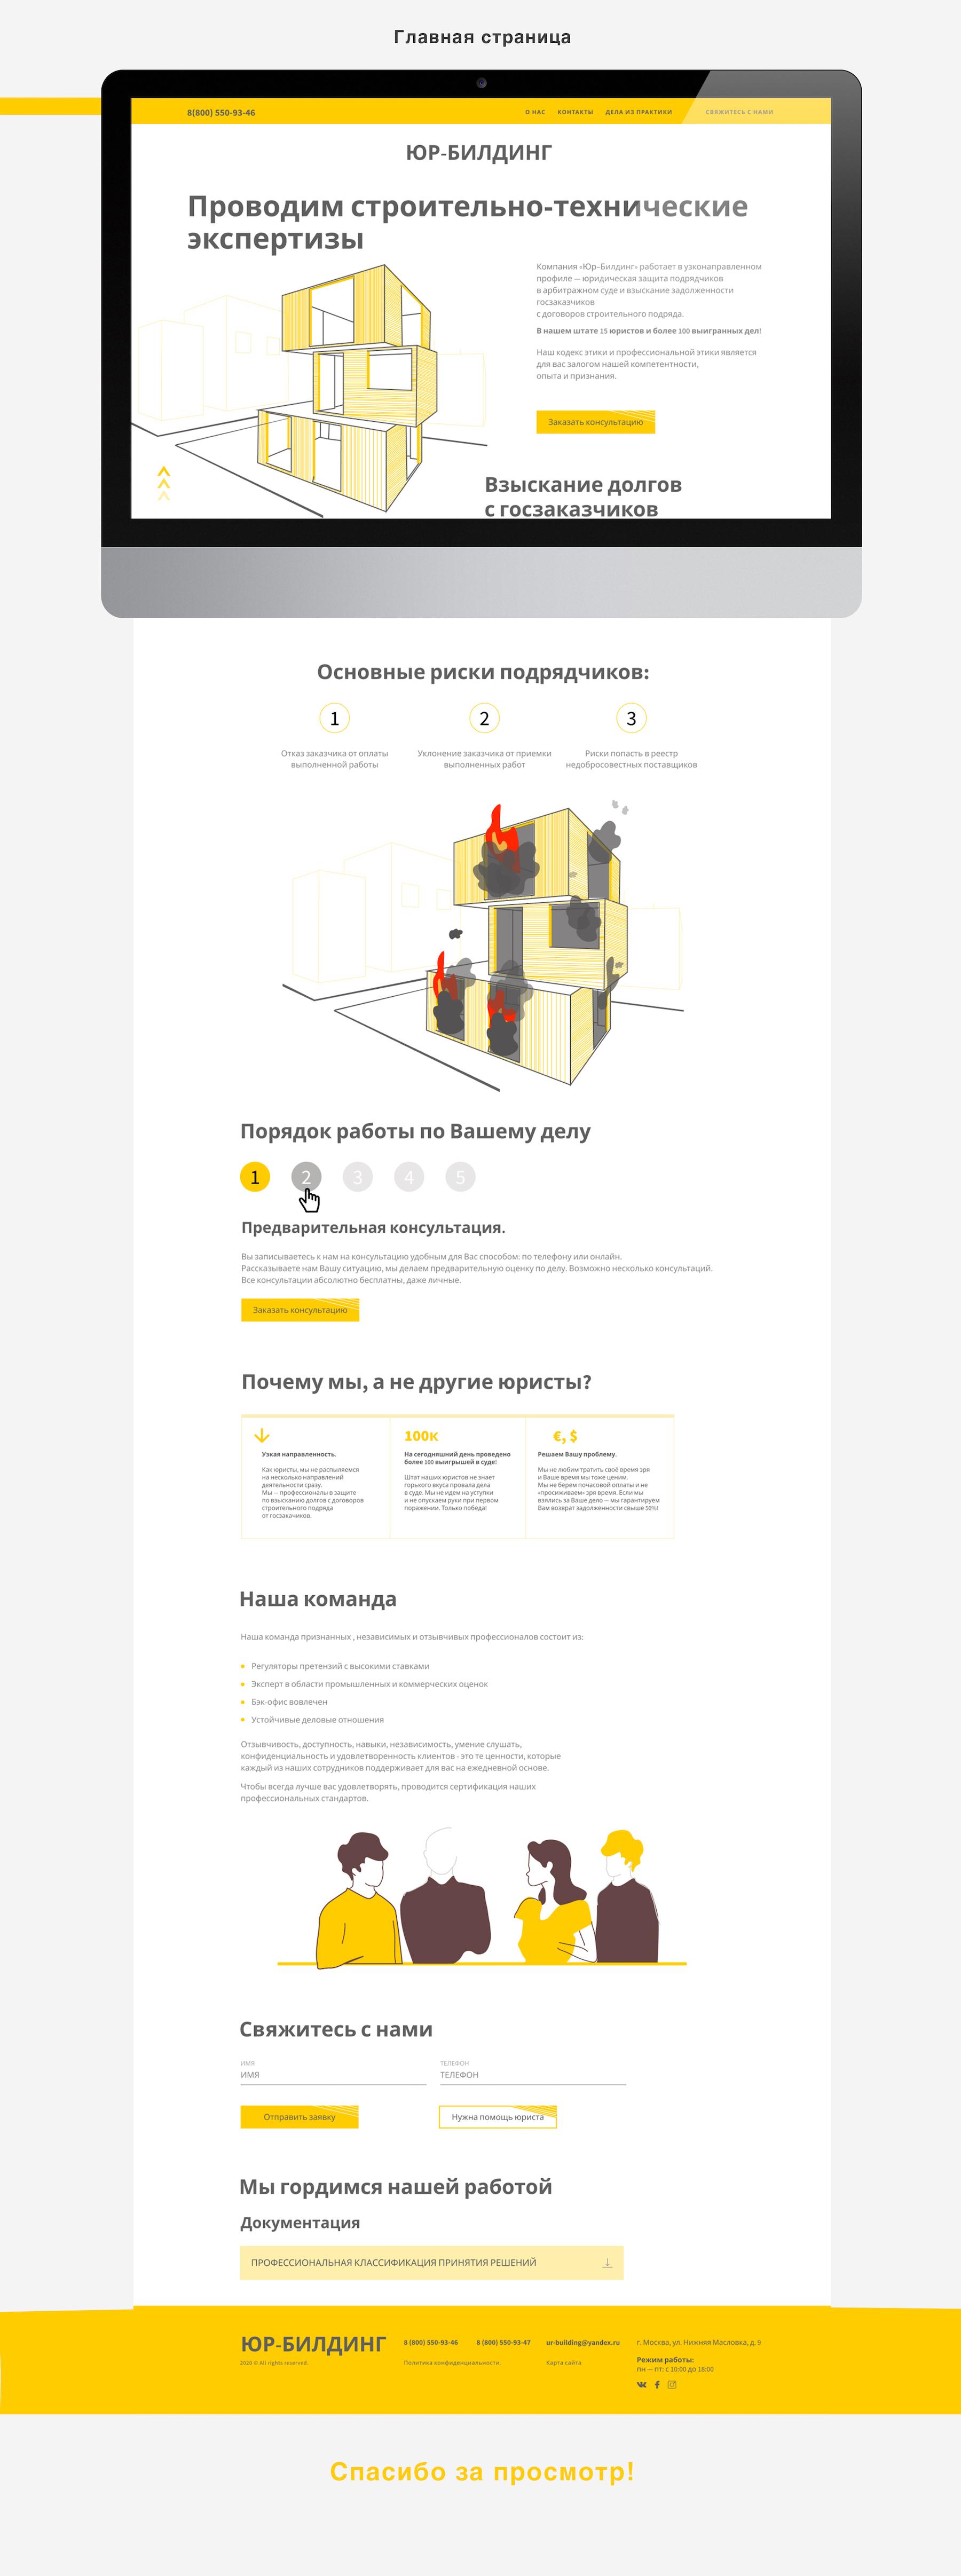 Обновить сайт, разработать новый дизайн сайта, адаптировать  фото f_1675e469fce5adc7.jpg